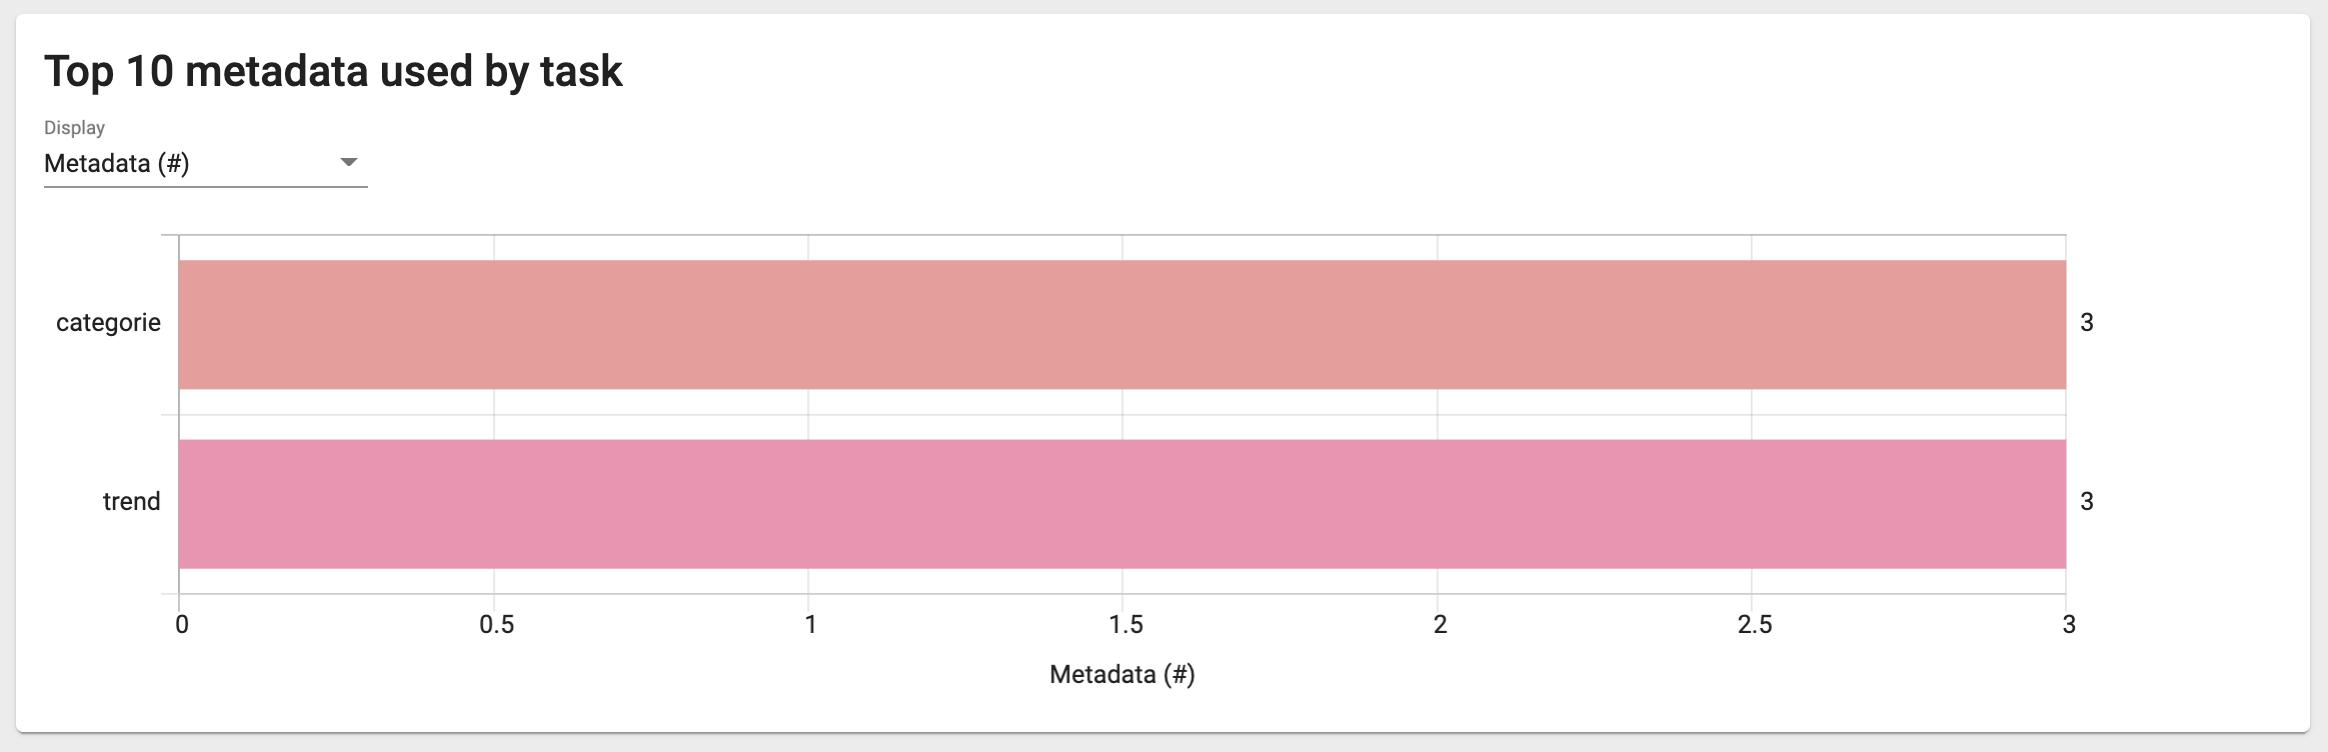 Trend Analytic - Metadata